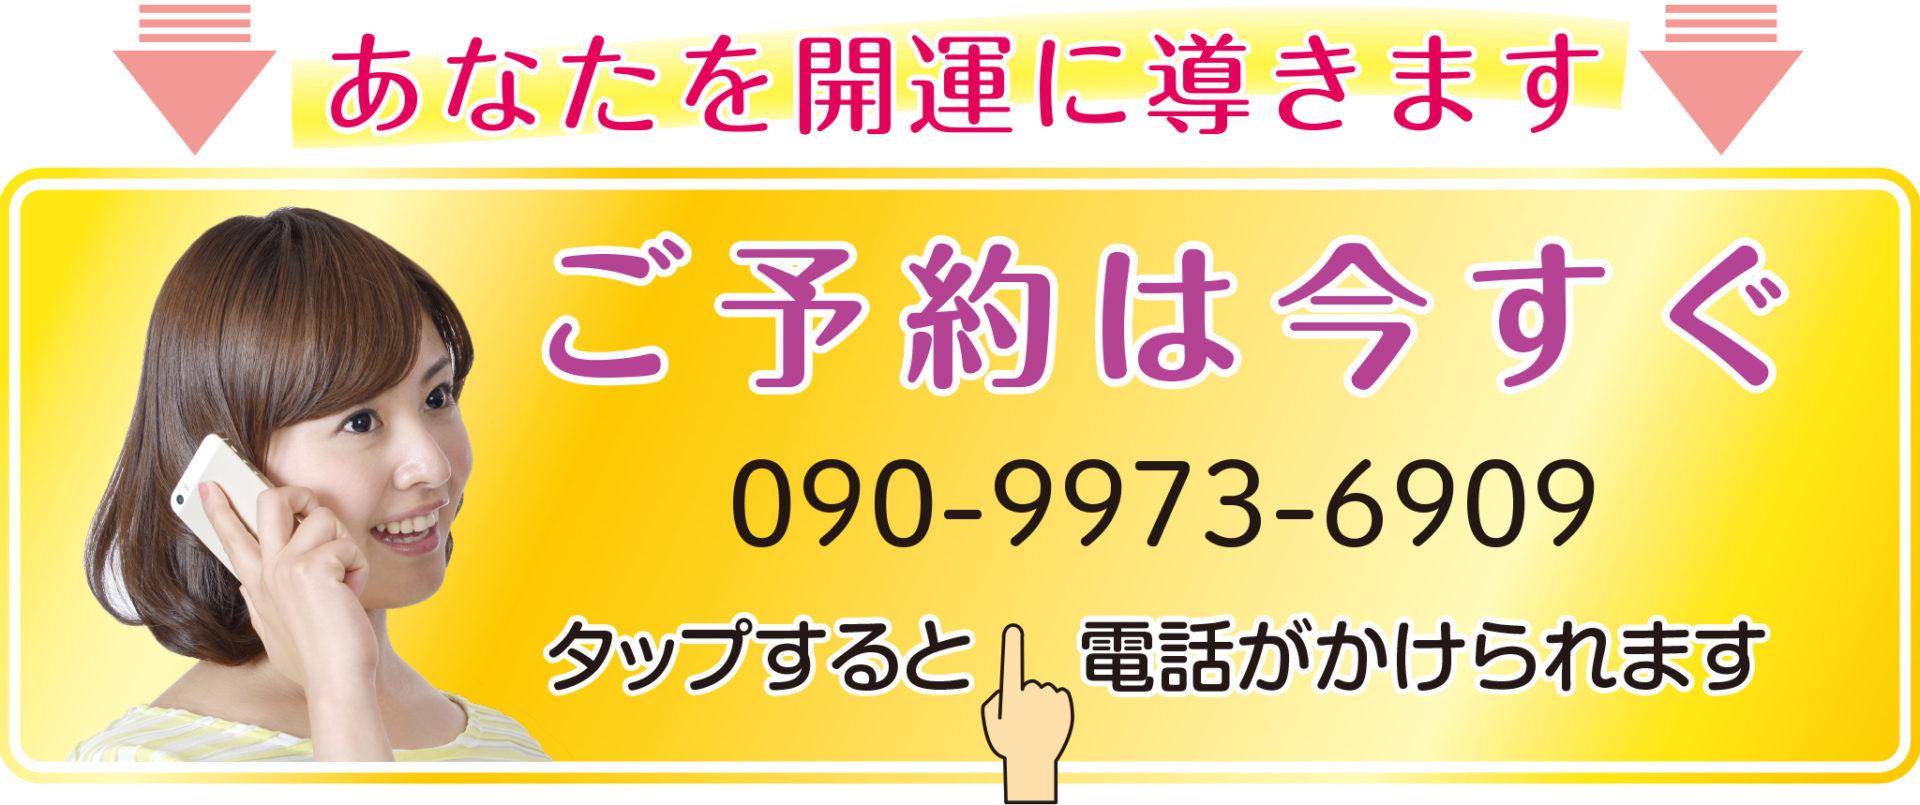 下北沢,占いサロンゆあん電話.09099736909